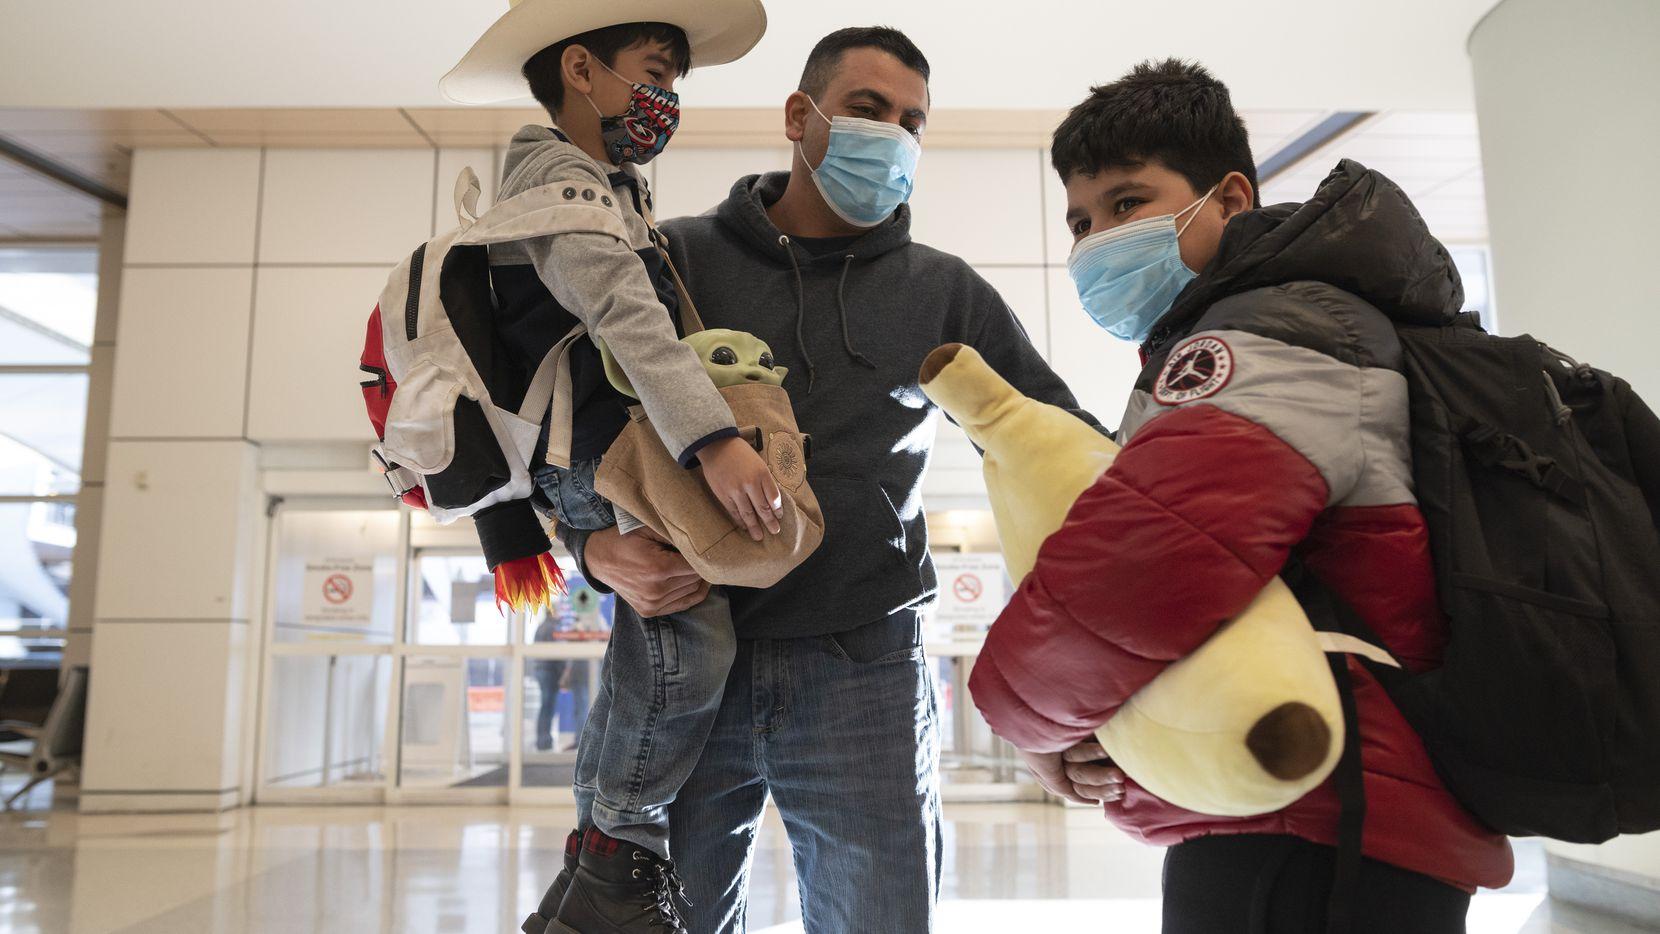 Gerardo Valles recibió a sus hijos en el Aeropuerto Internacional de Dallas-Fort Worth cuando llegaron en un vuelo proveniente de México. Los menores viajaron con su madre y tuvieron que hacerse la prueba de covid-19 antes de abordar el avión, para poder entrar a Estados Unidos.